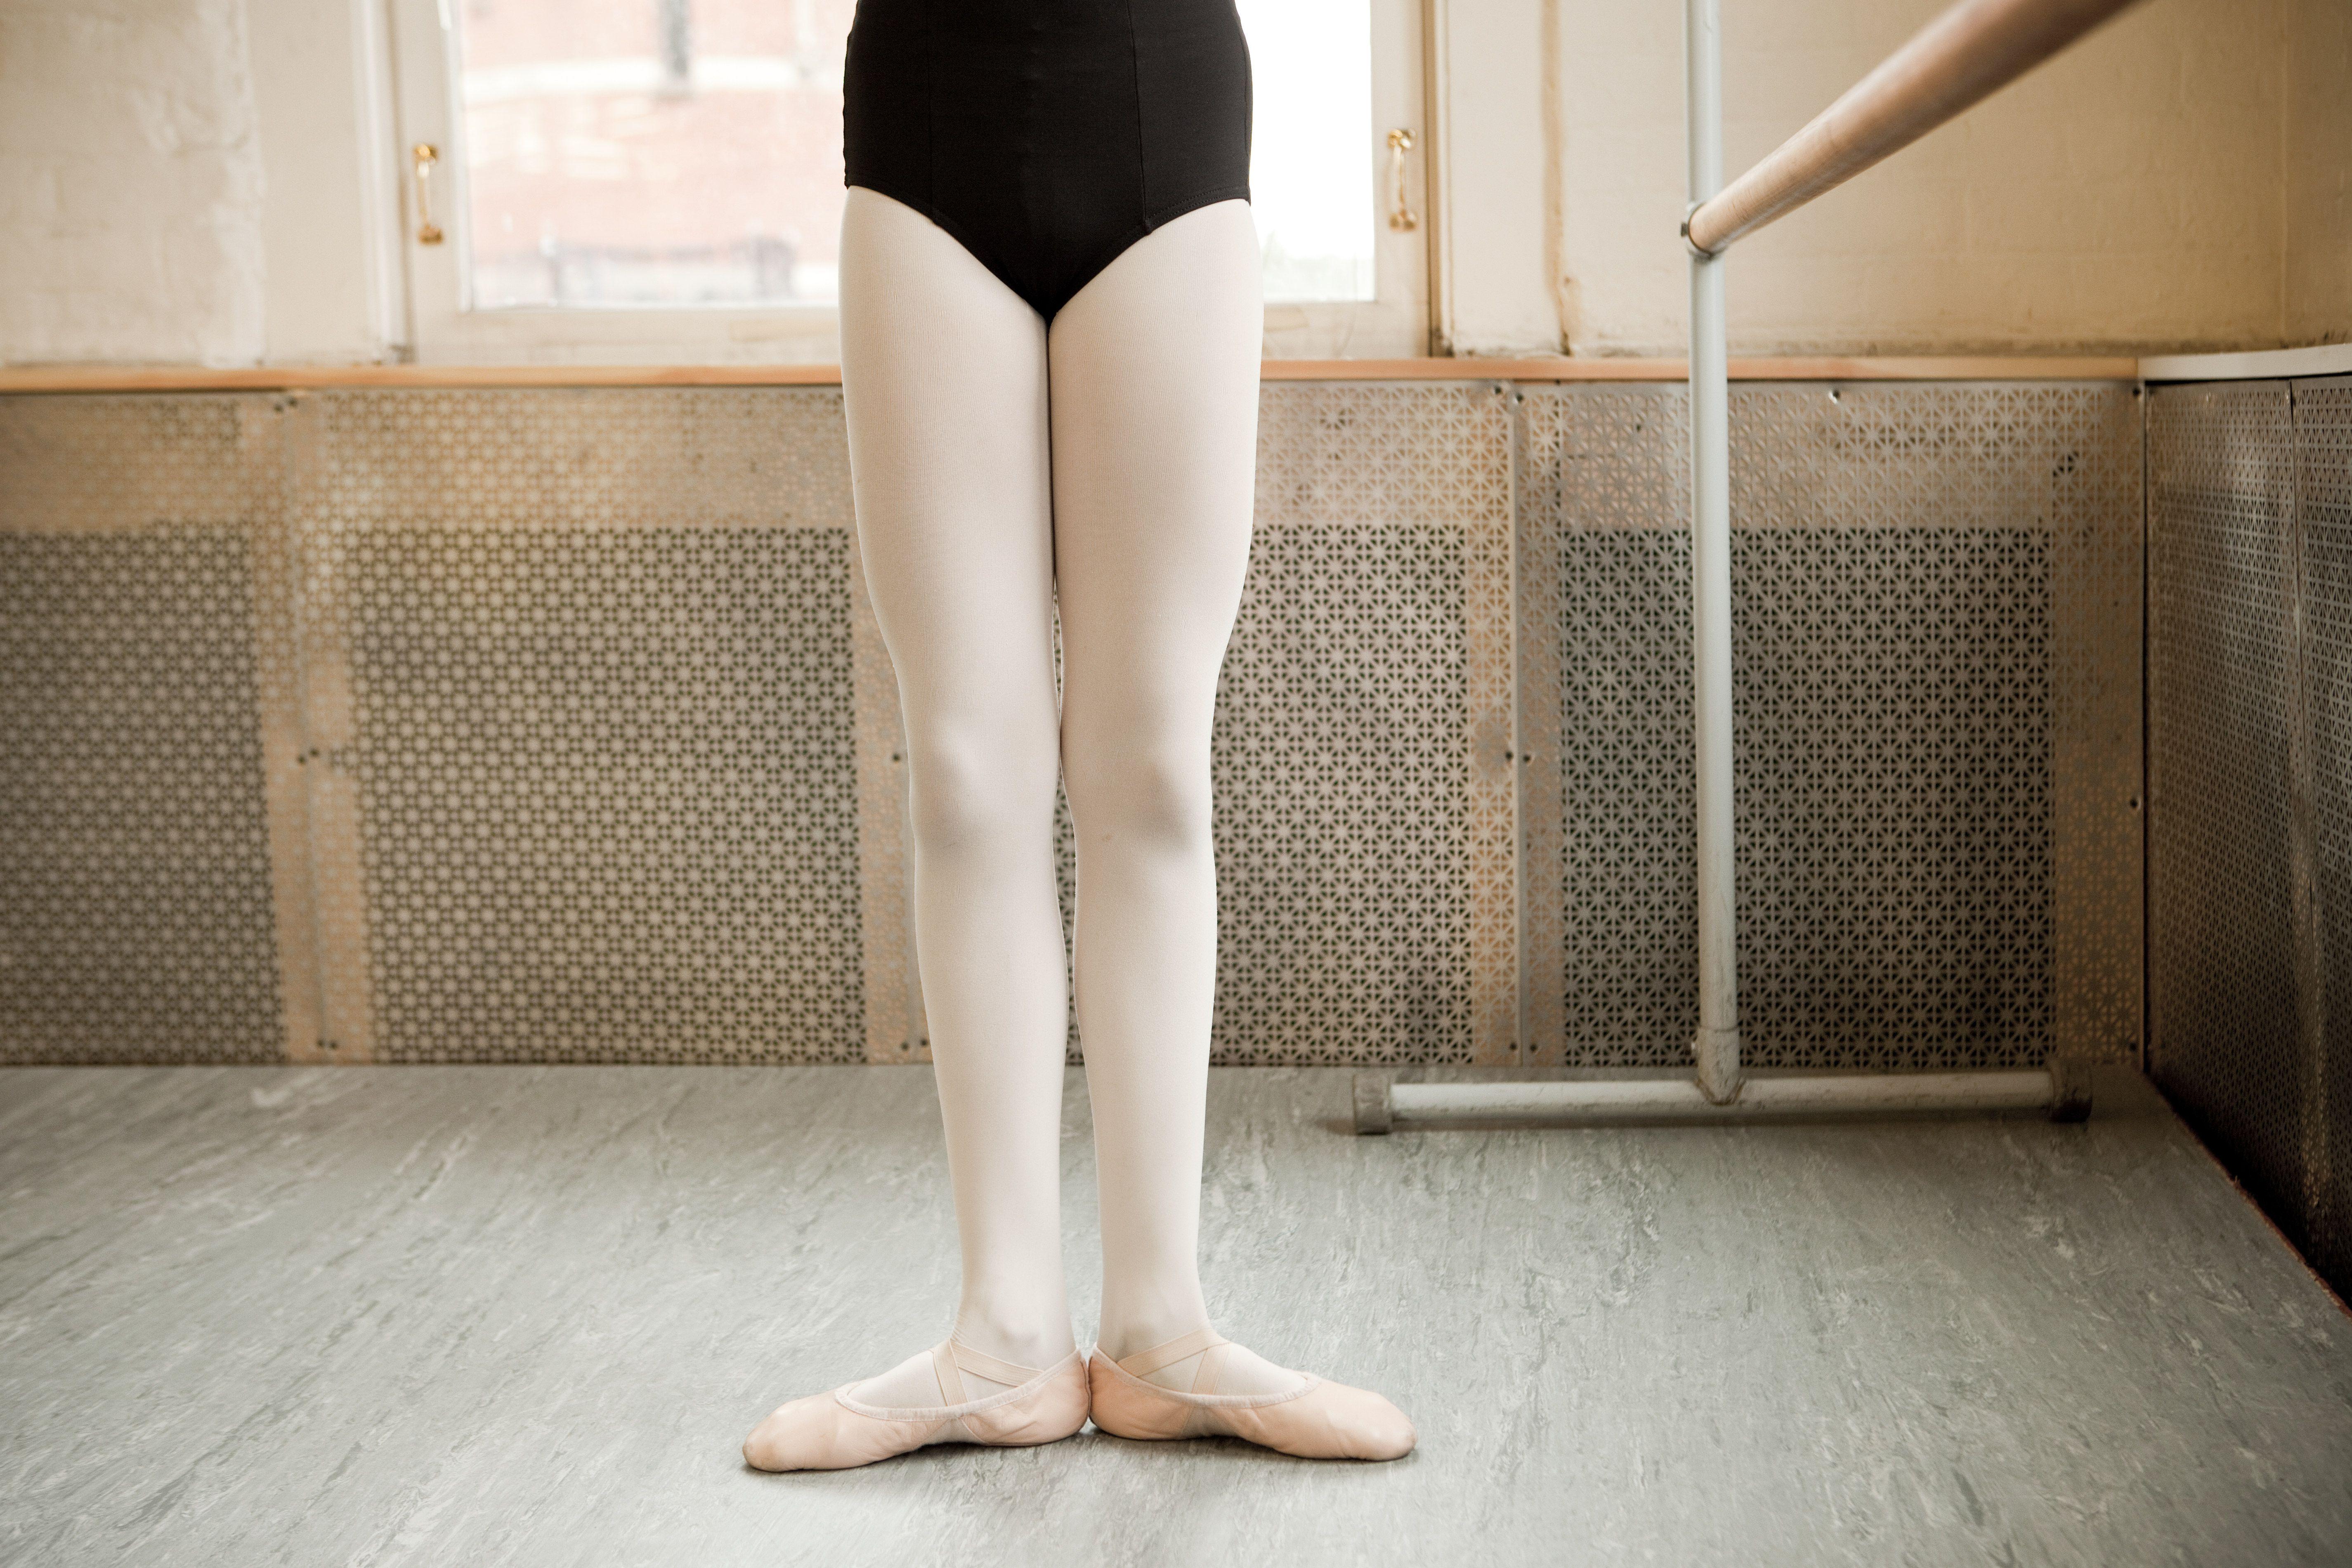 Piernas de una bailarina con pies en primera posición